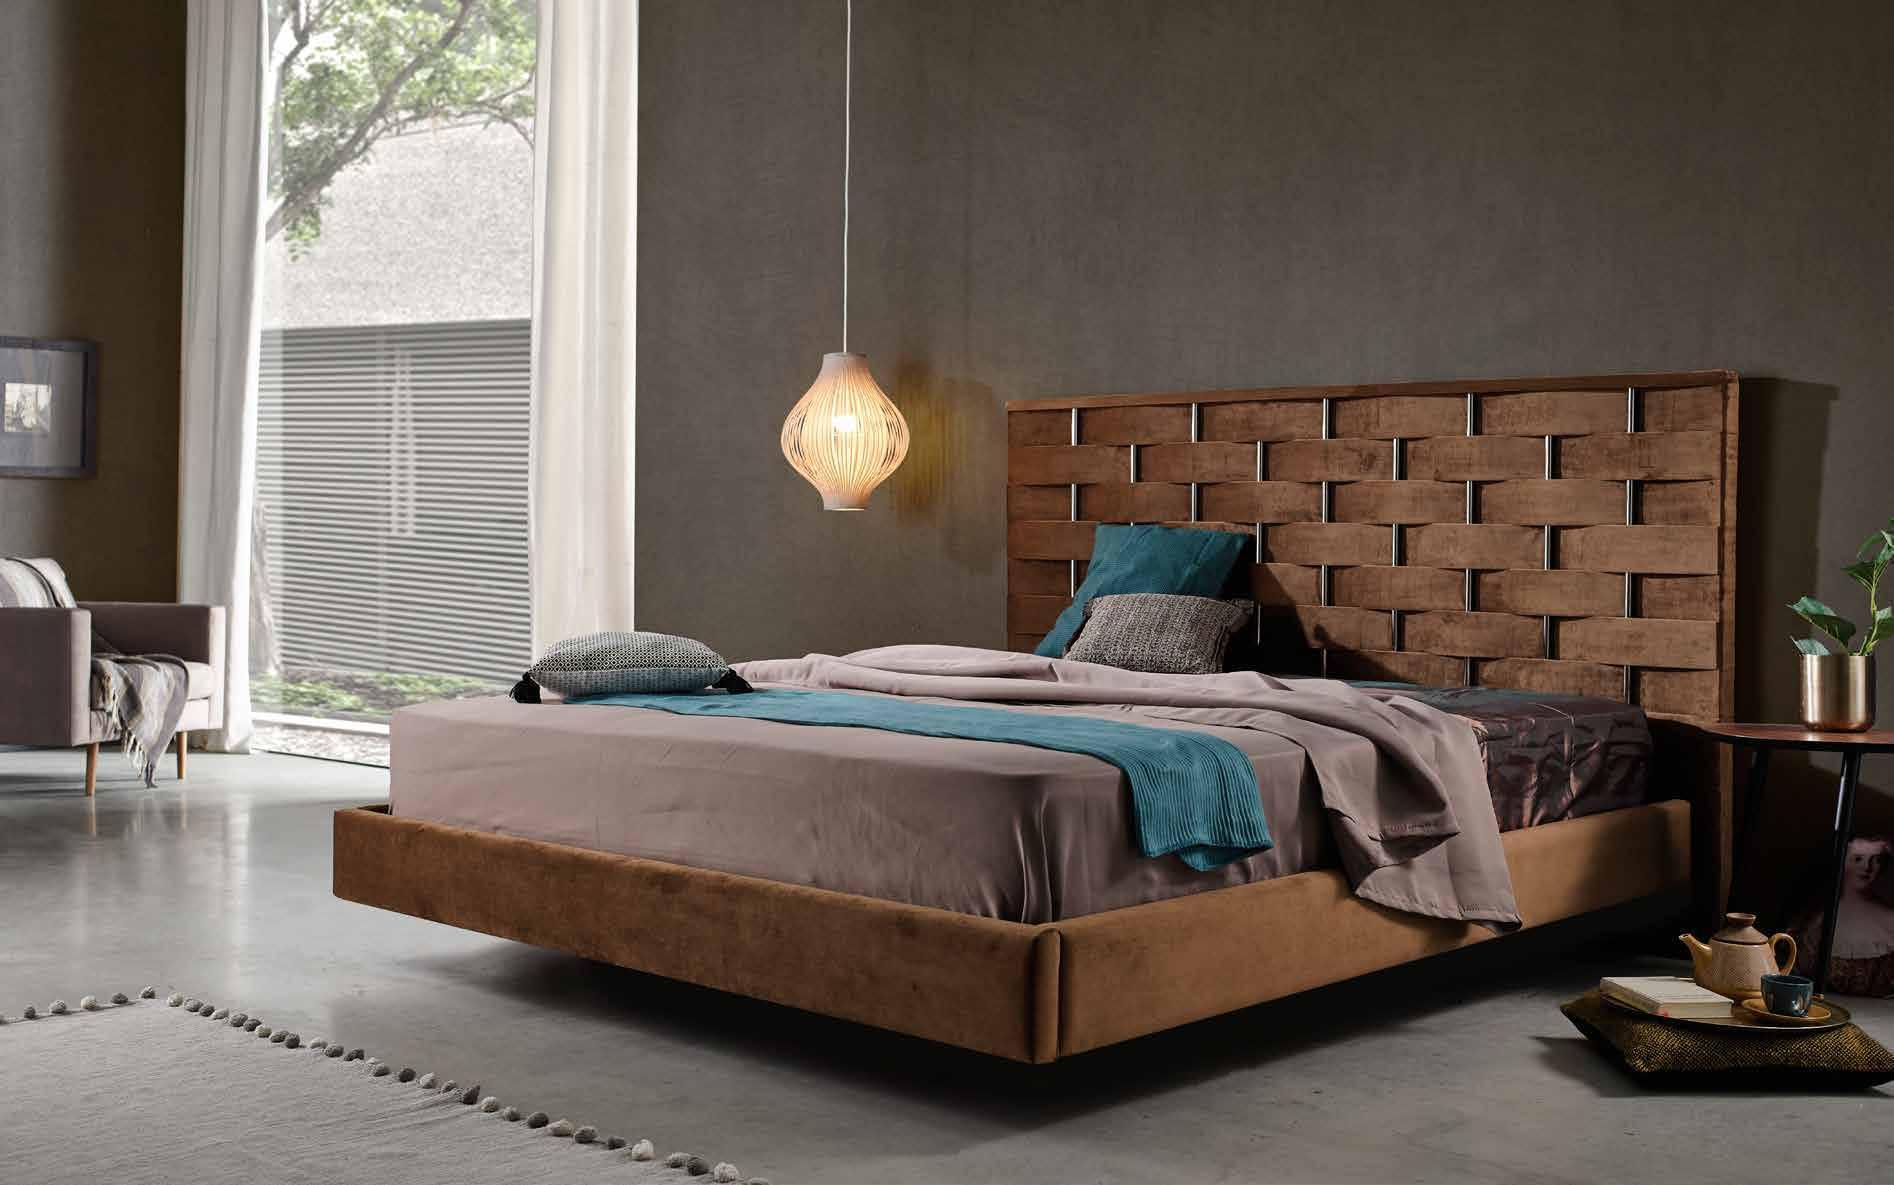 cabeceros-tapizados-muebles-paco-caballero-1837-5c8fd8490e945